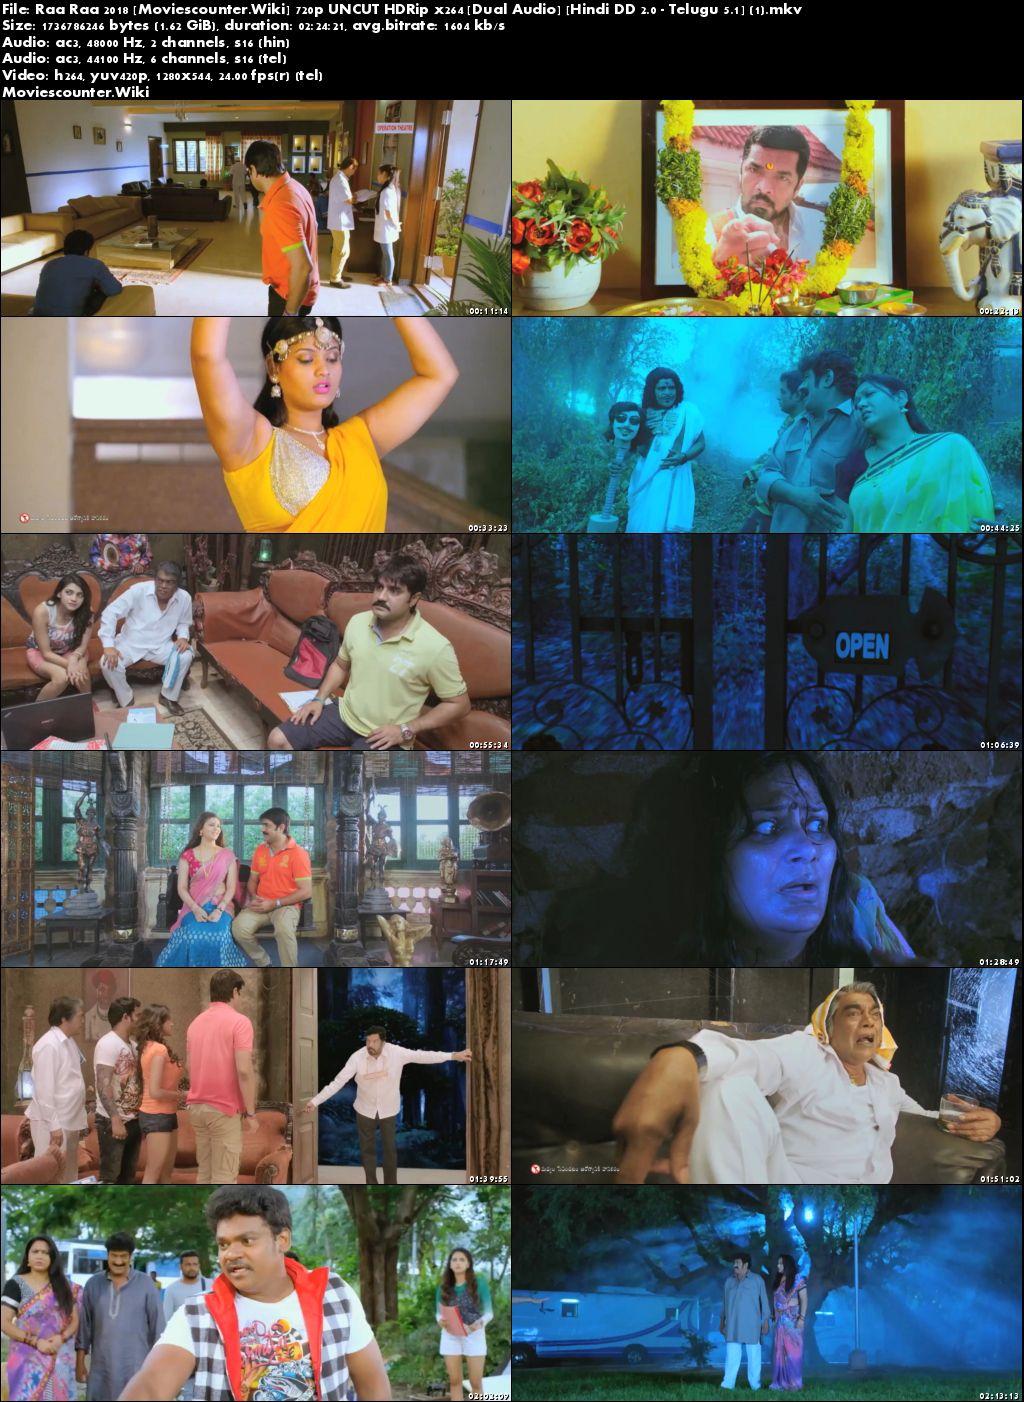 Screen Shots Raa Raa 2018 Hindi Dubbed HD 720p